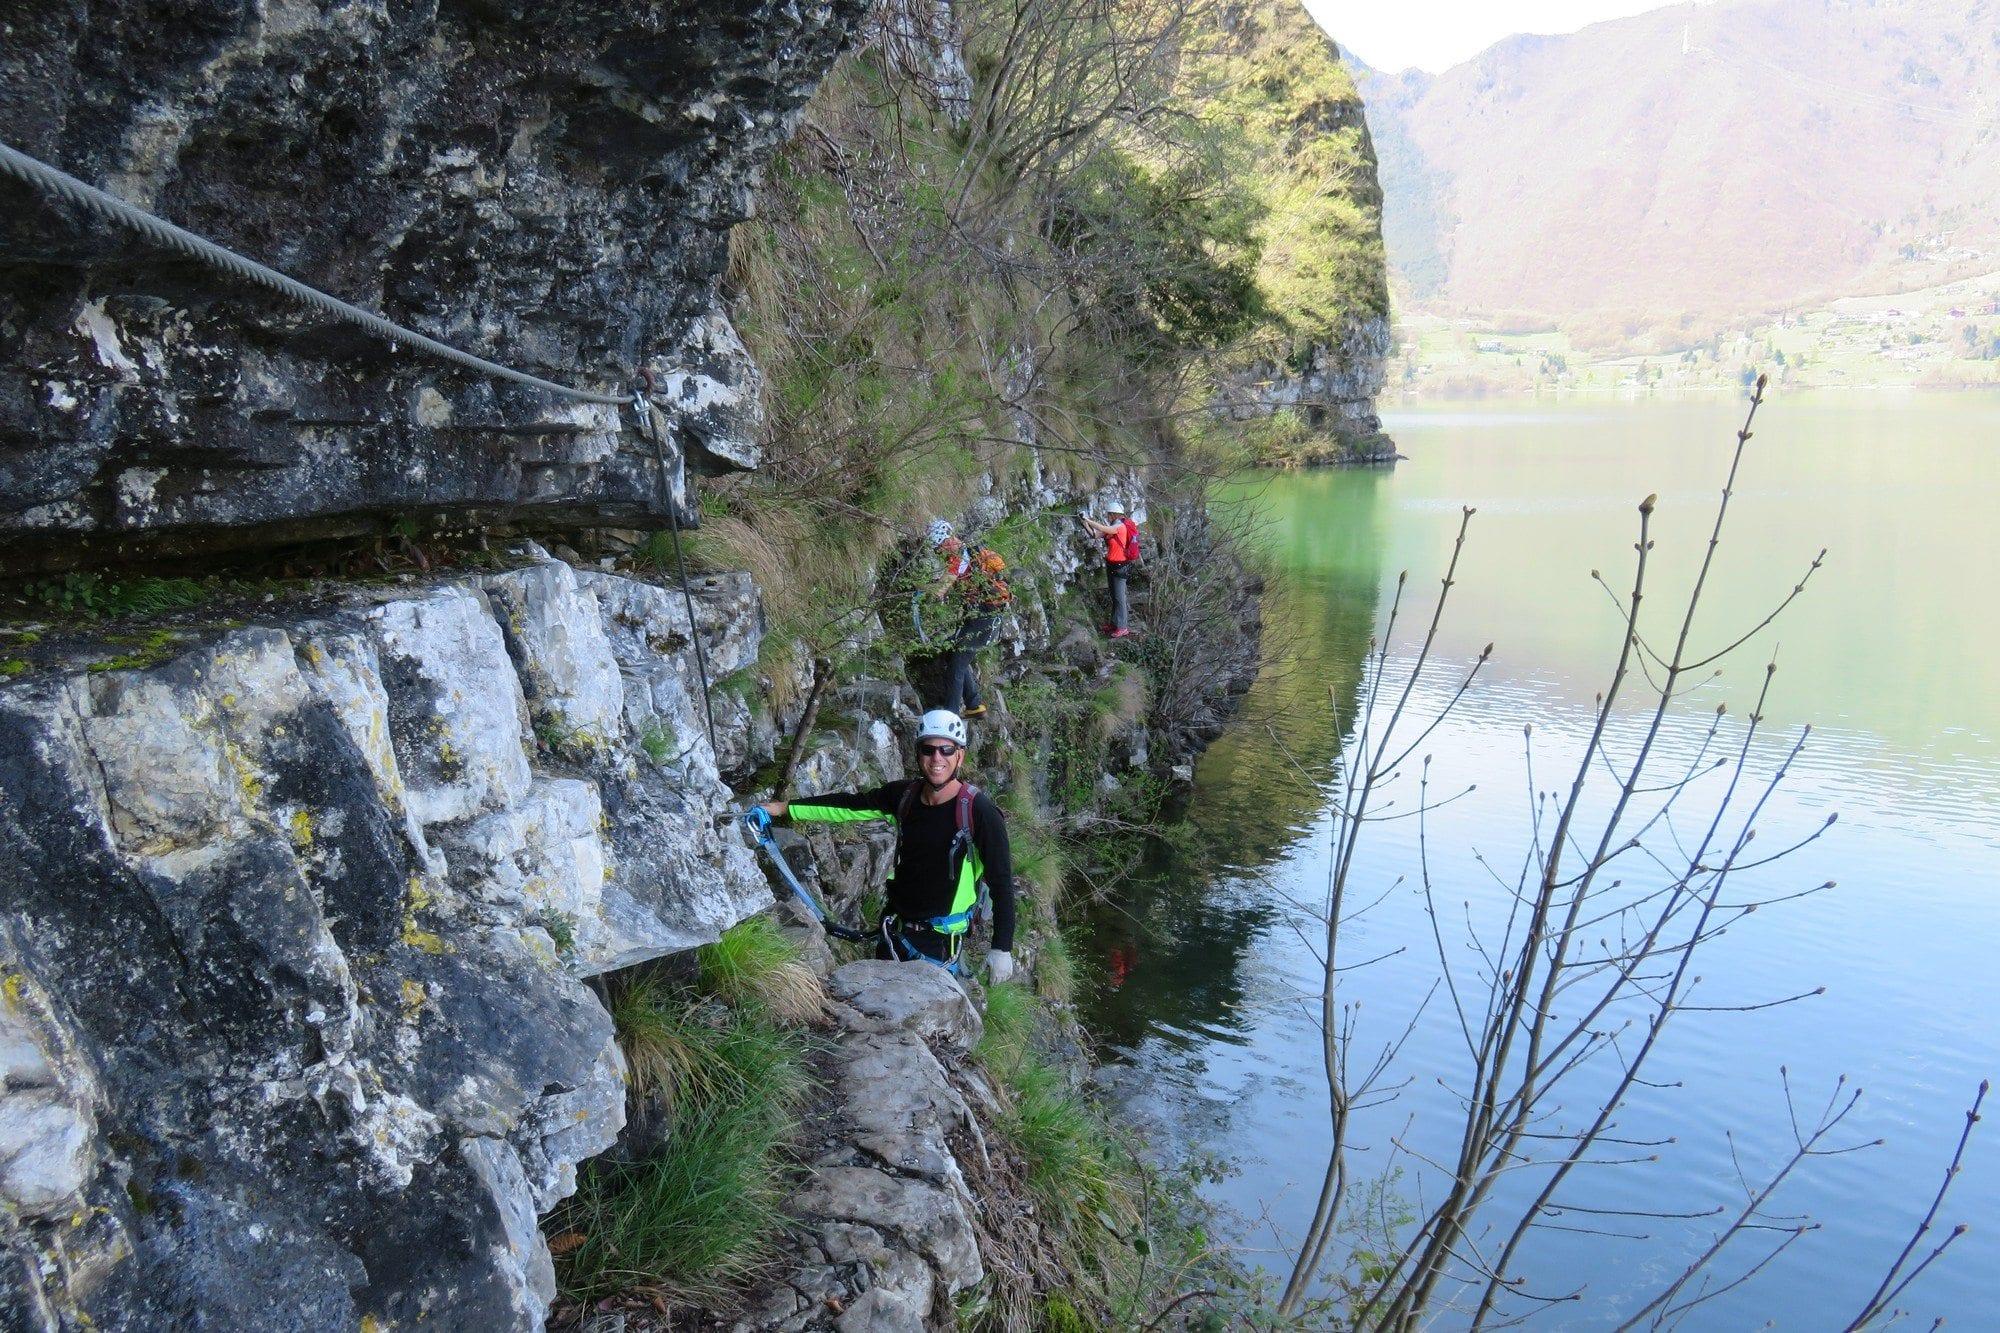 ויה פראטה Sasse - טיול אתגר מאורגן בצפון באיטליה - ערוצים בטבע